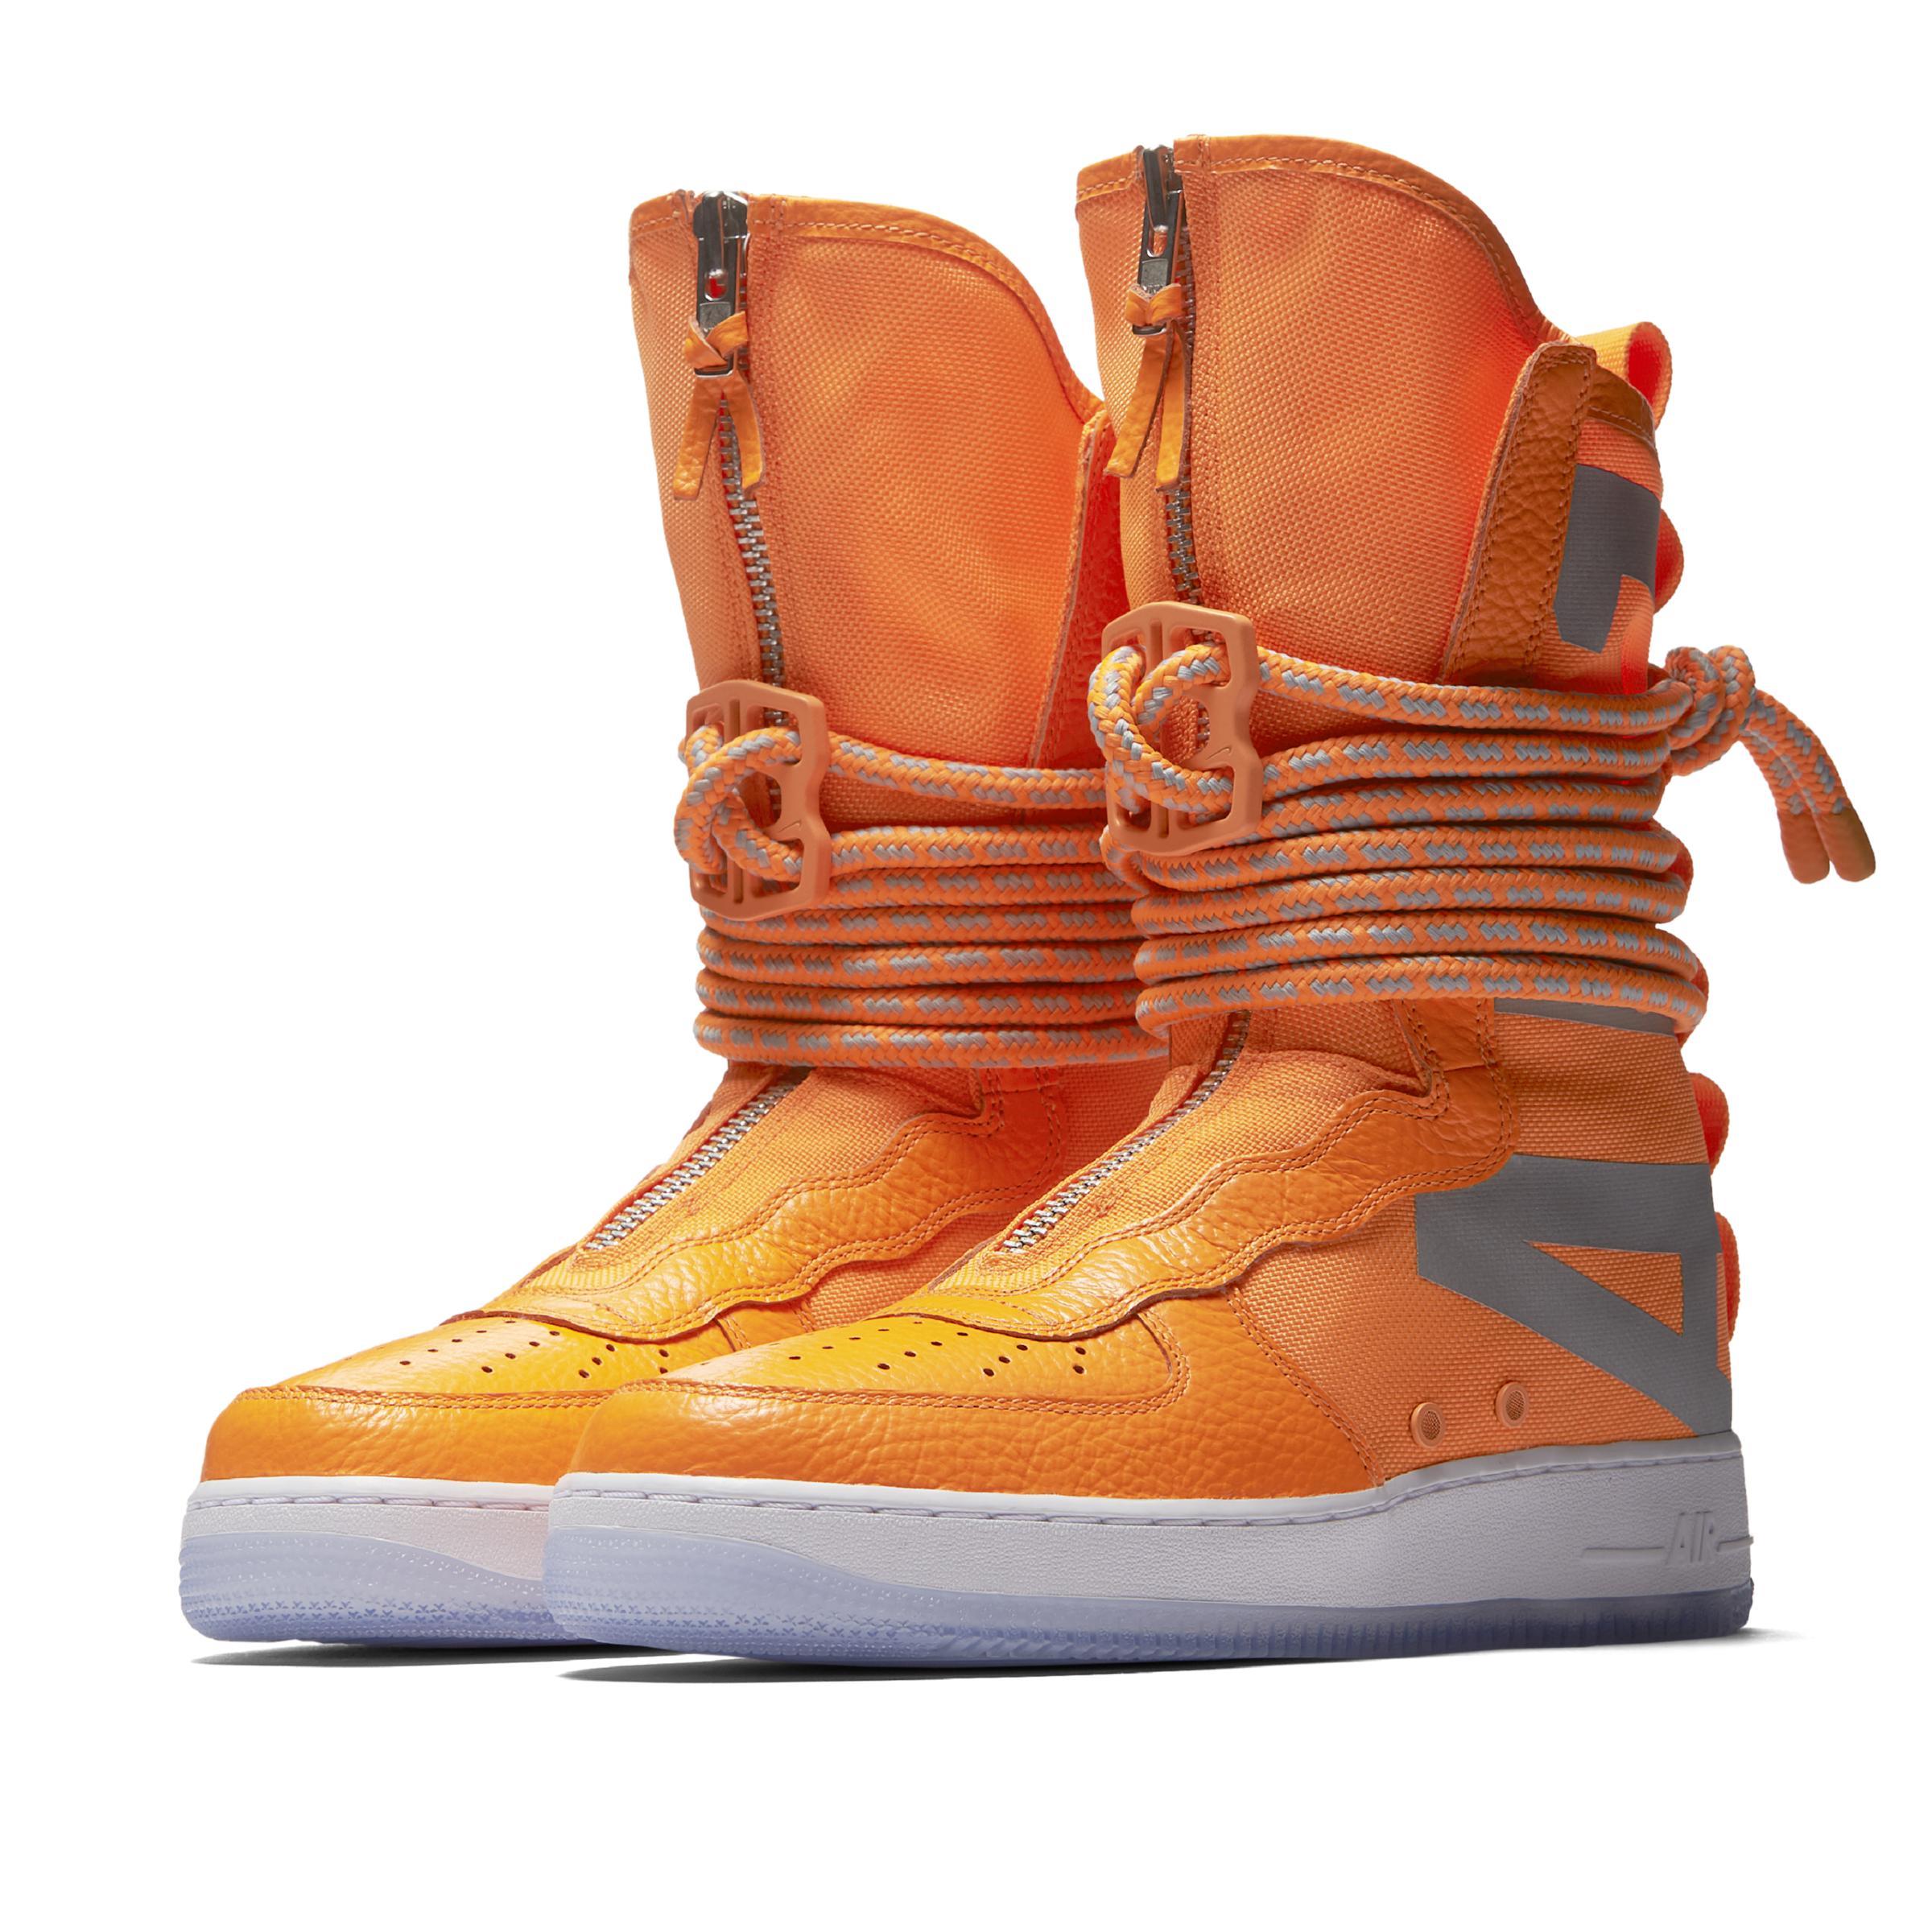 huge discount 58bc0 7c485 Lyst - SF Air Force 1 High Botas Nike de hombre de color Nar